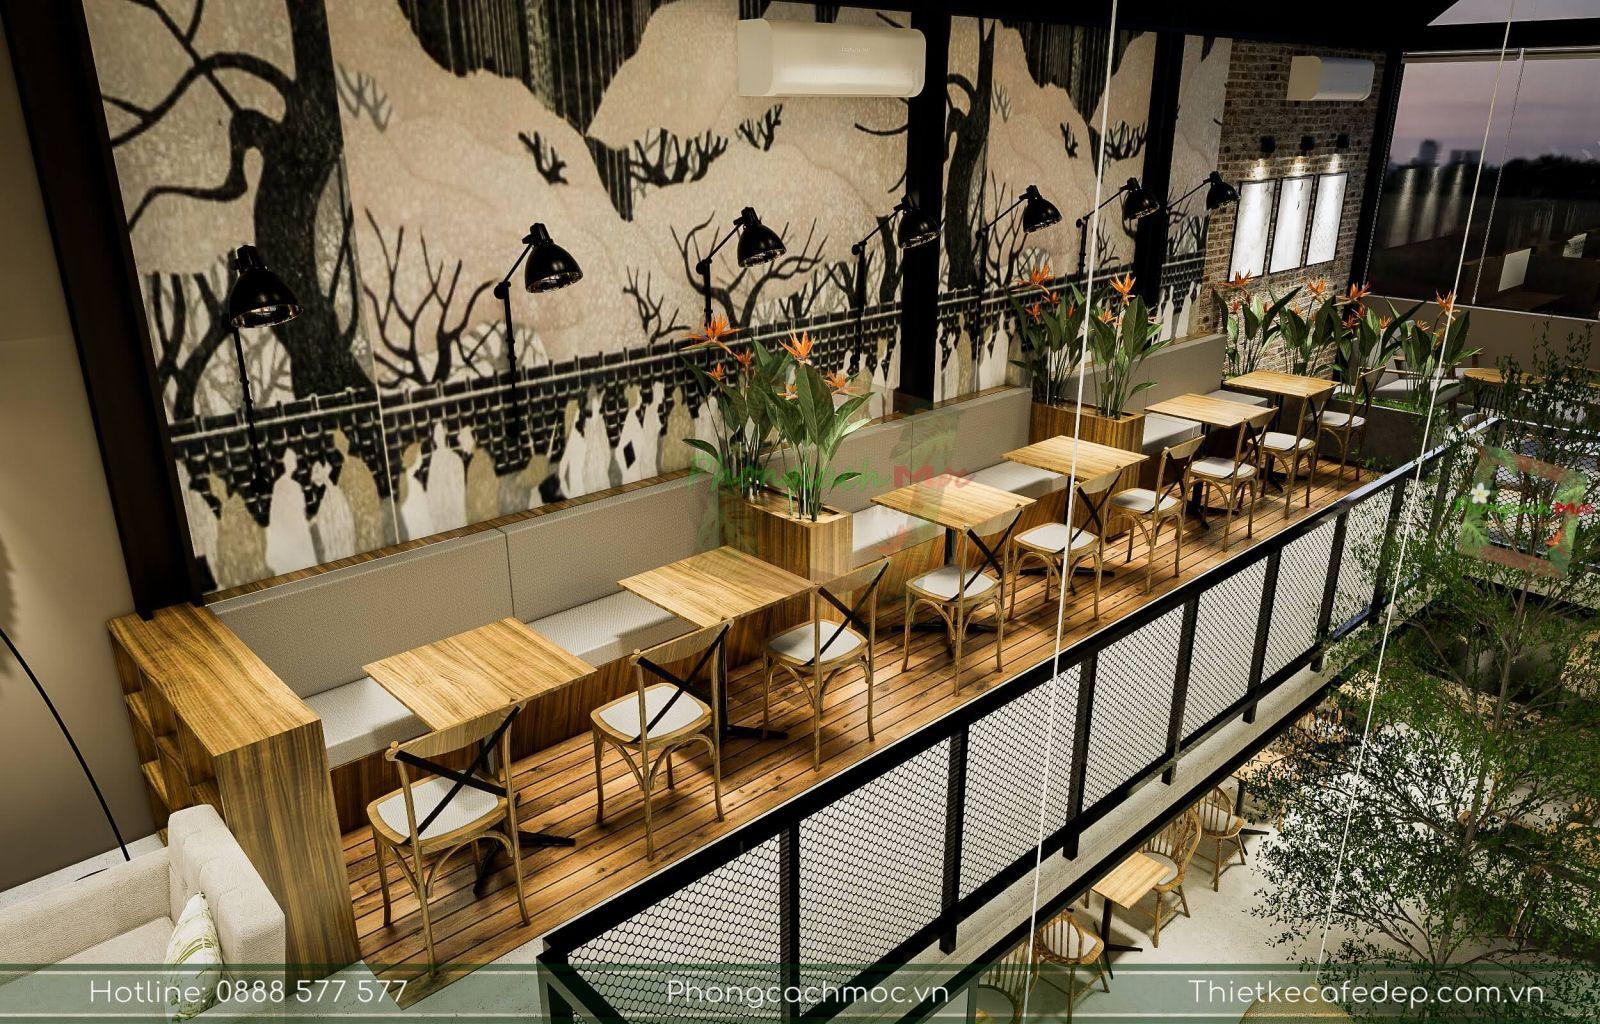 không gian nội thât tầng 1 quán cafe diện tích 200m2